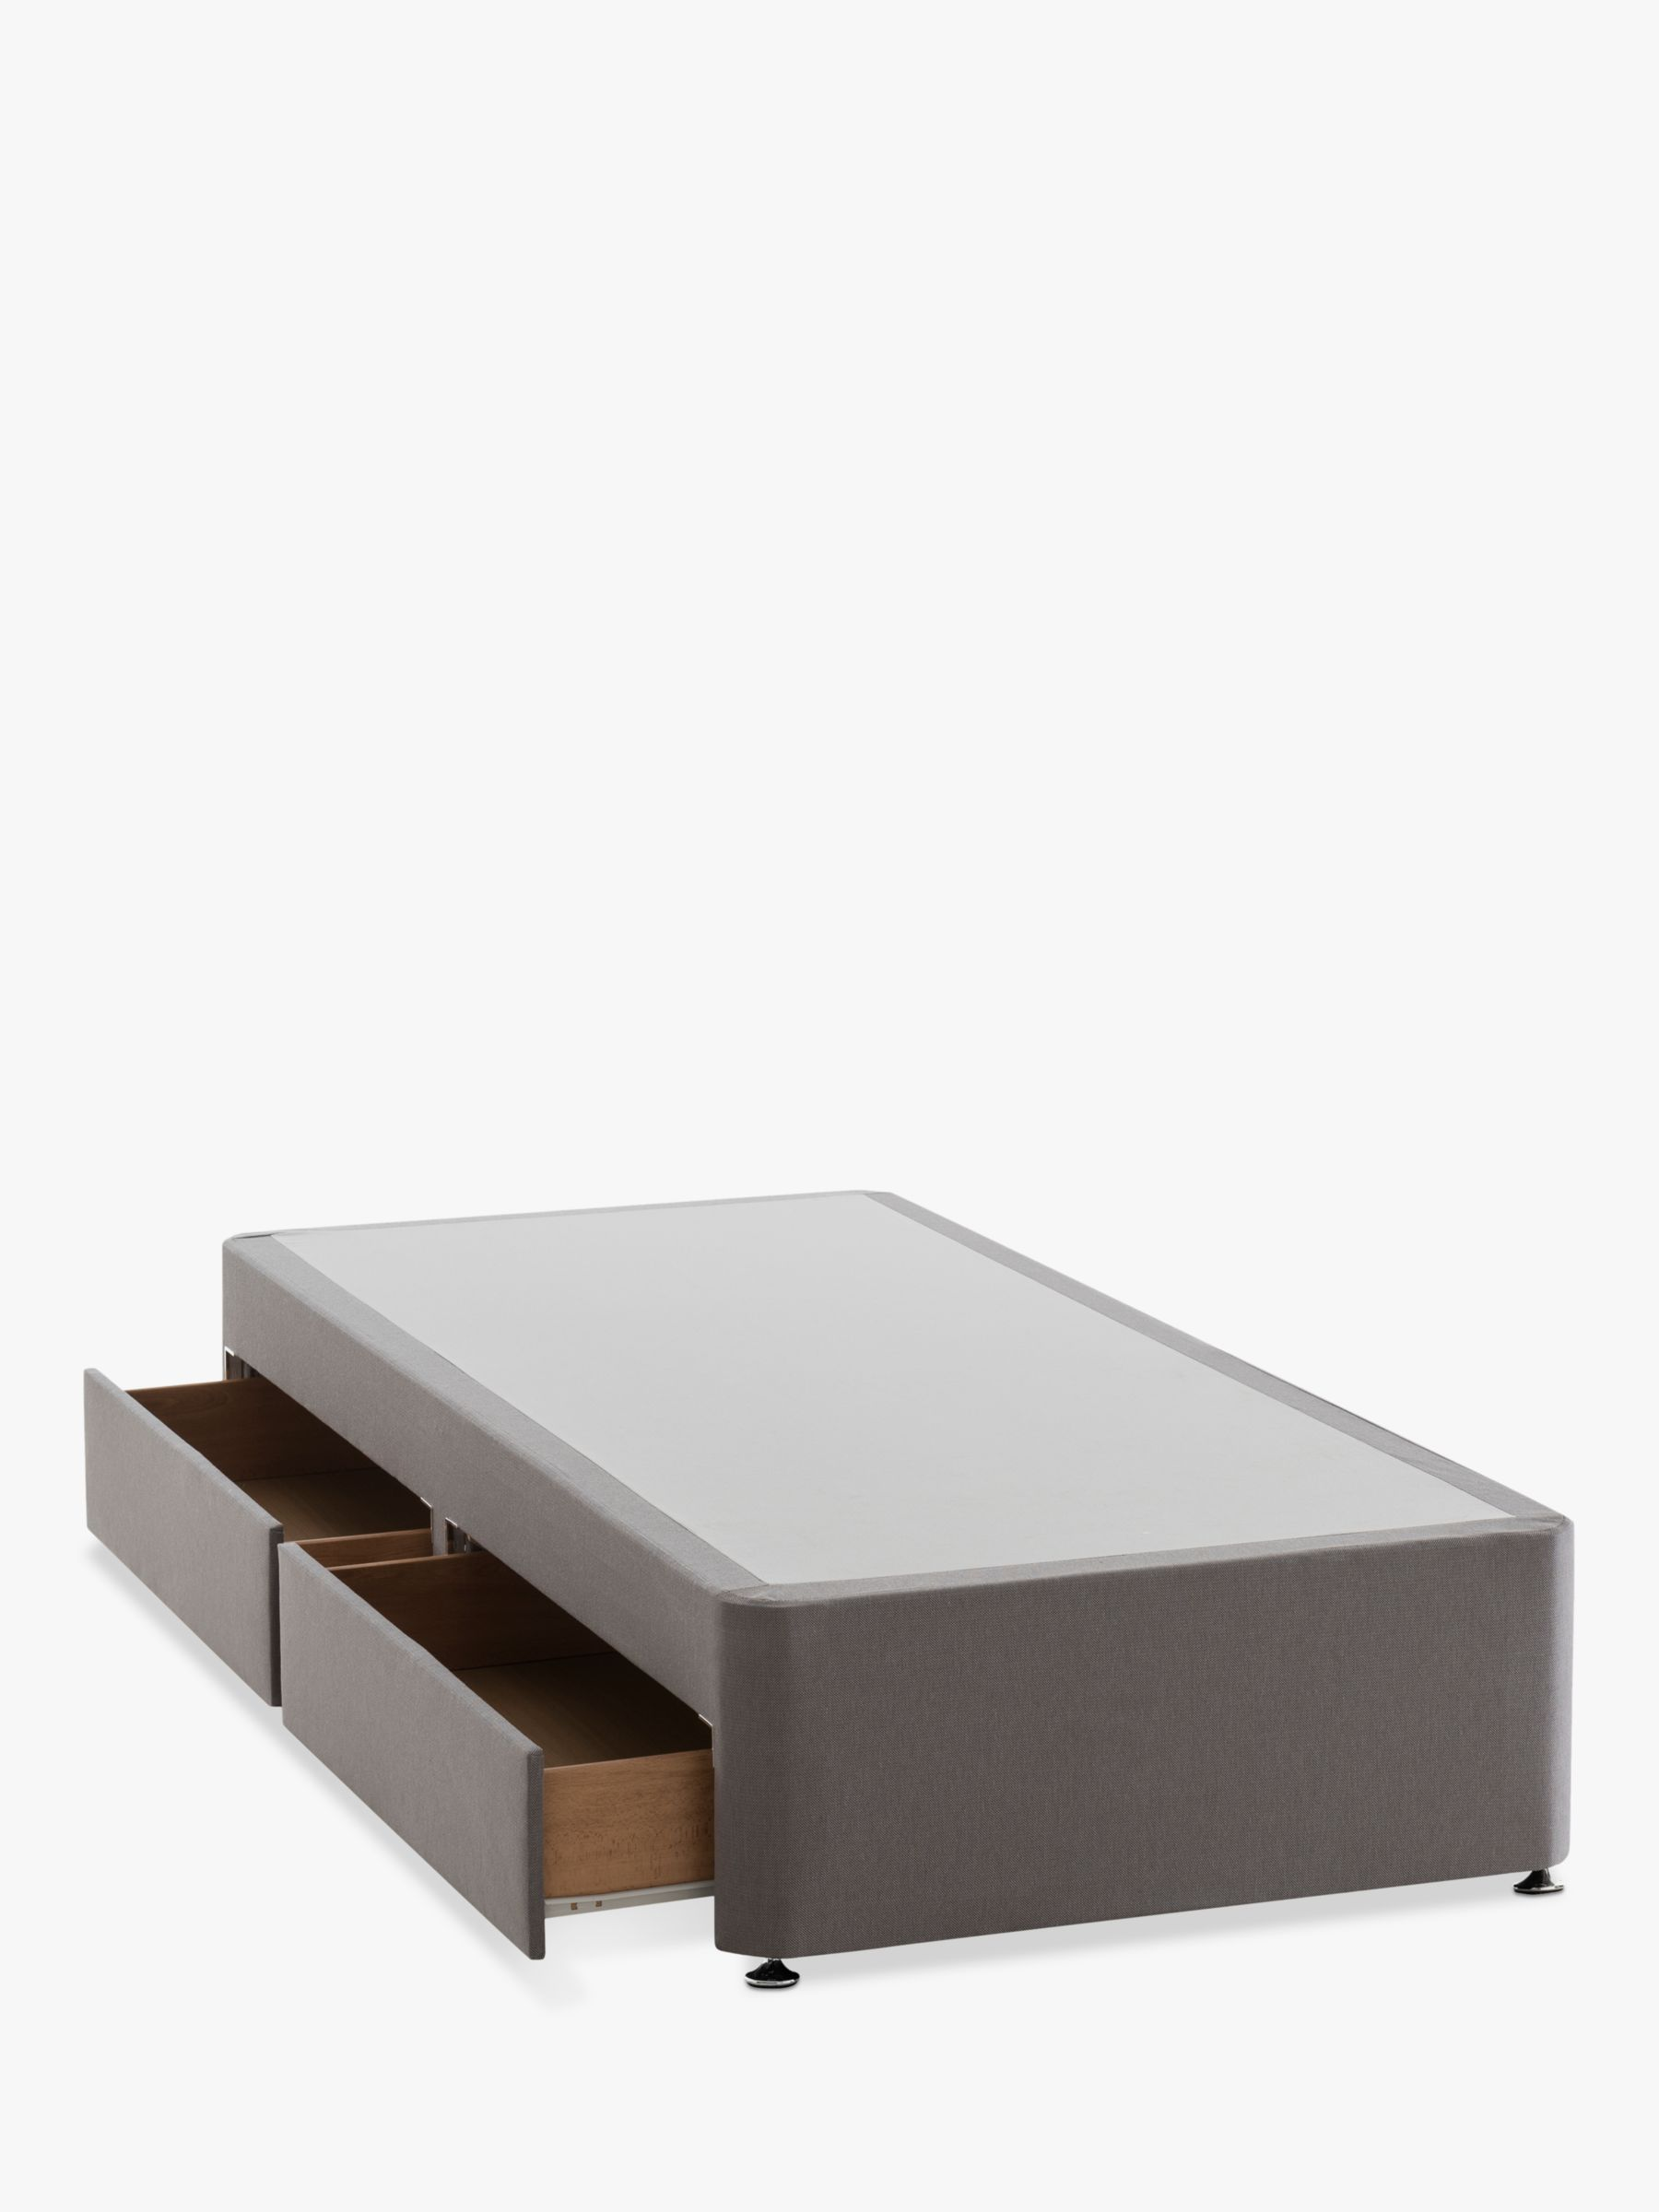 Silentnight Silentnight Non Sprung 2 Drawer Divan Storage Bed, Single